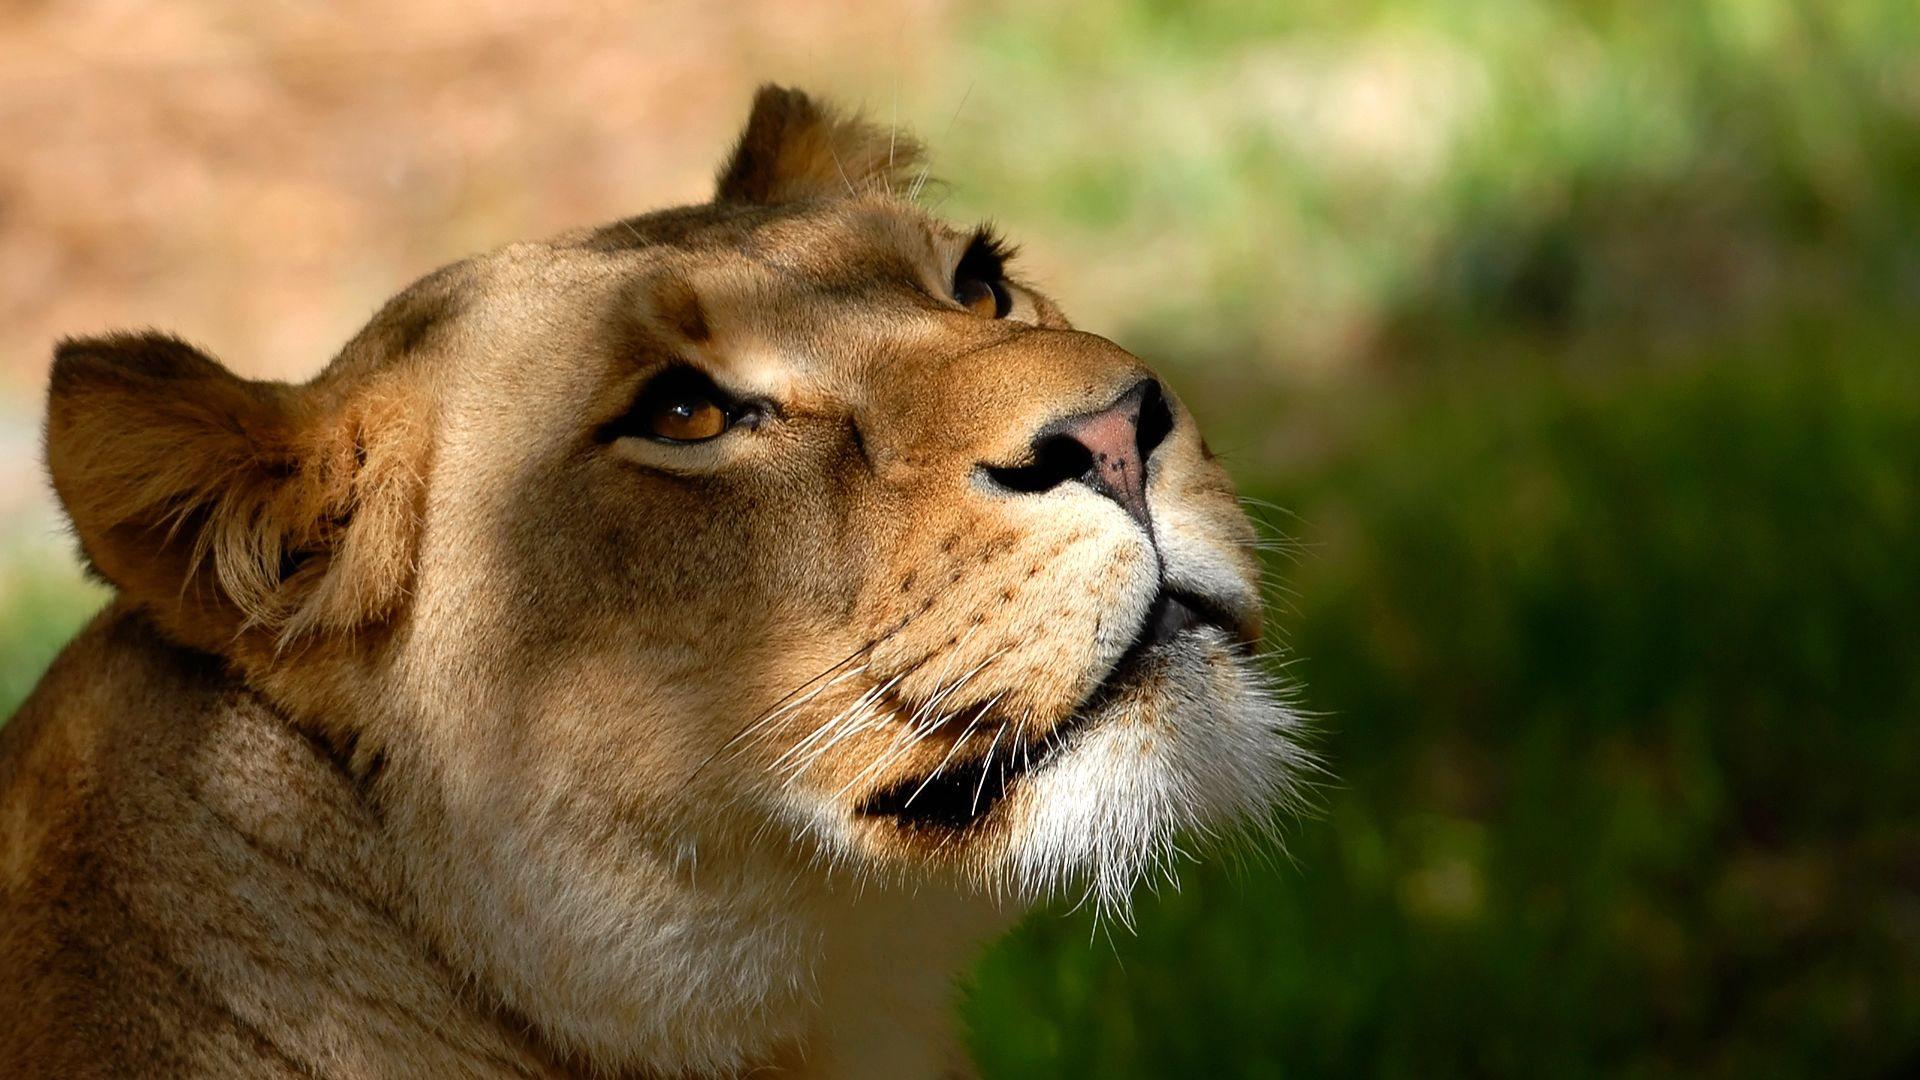 Lion 1080p Wallpaper Wallpapersafari